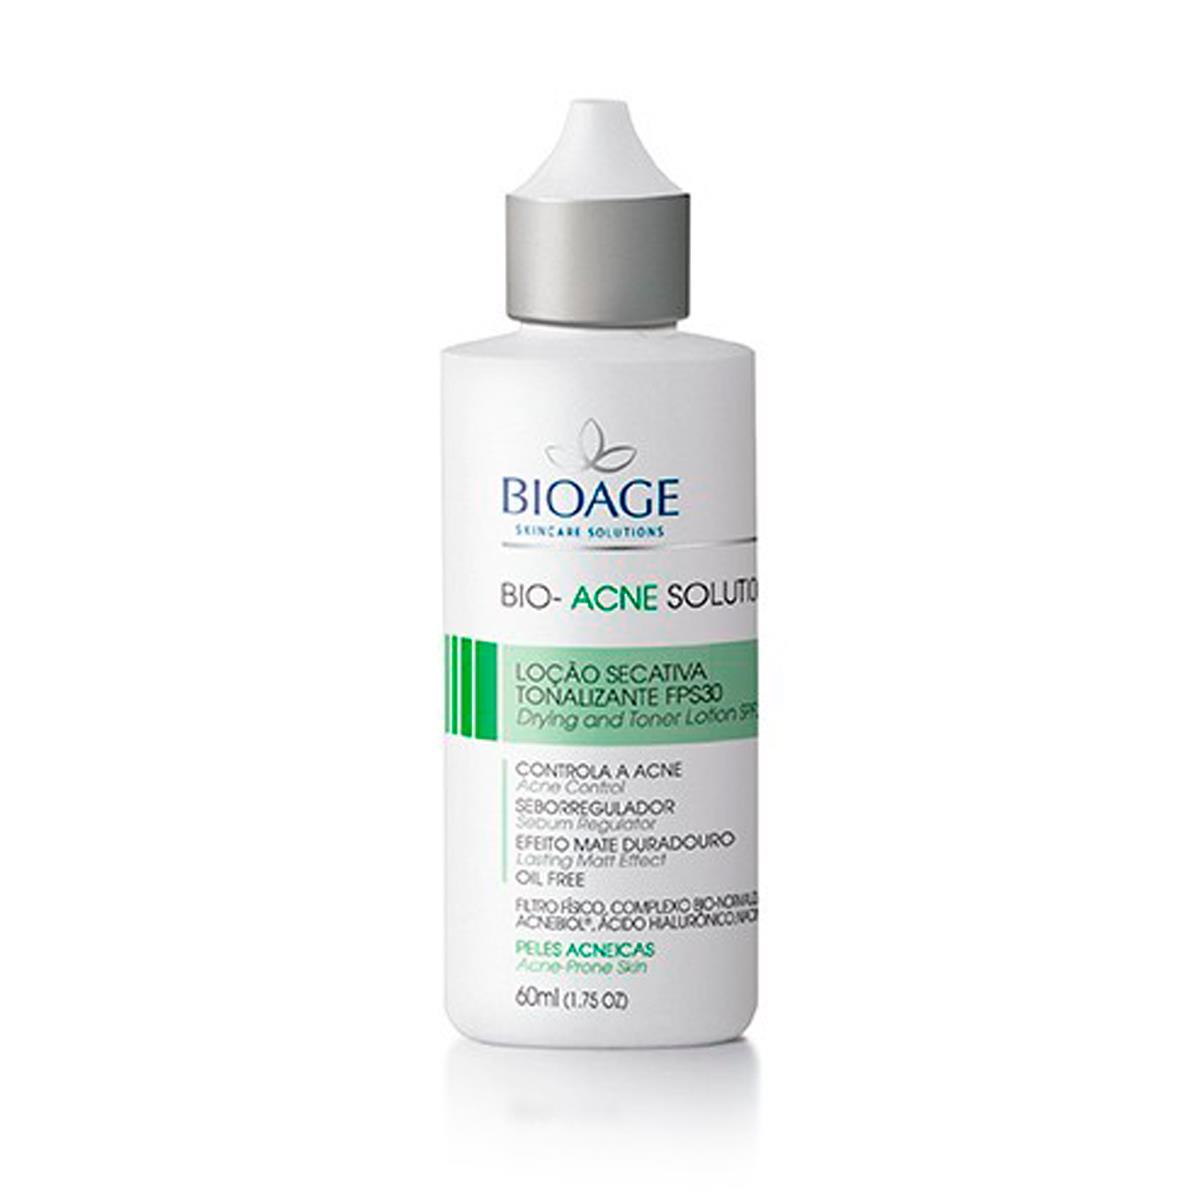 Serum Facial Clareador Para Peles Com Manchas De Acne Bioage - 60Ml